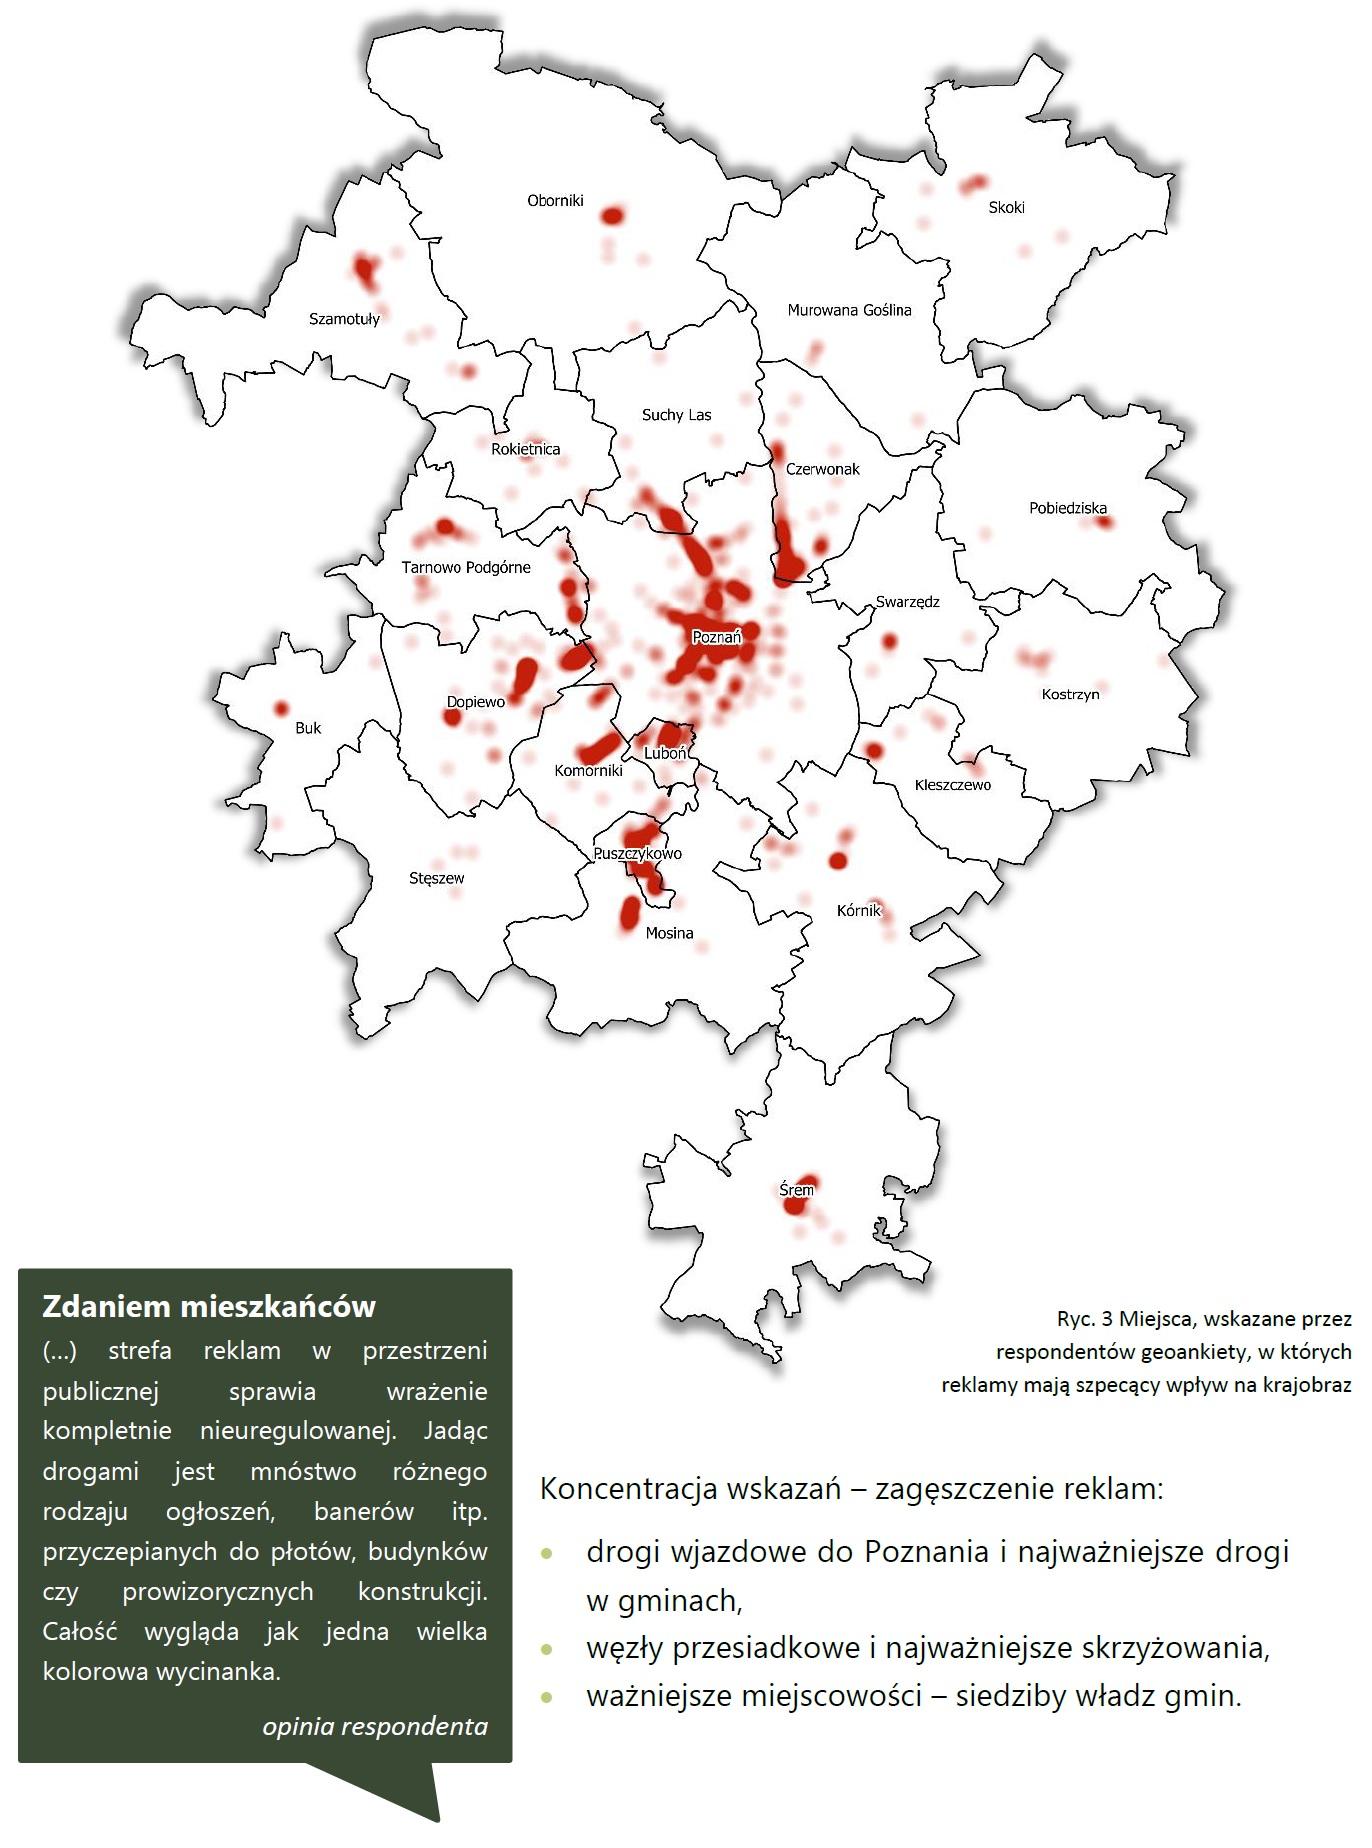 Grafika - mapa ze wskazaniem problematycznych reklam na terenie Metropolii Poznań